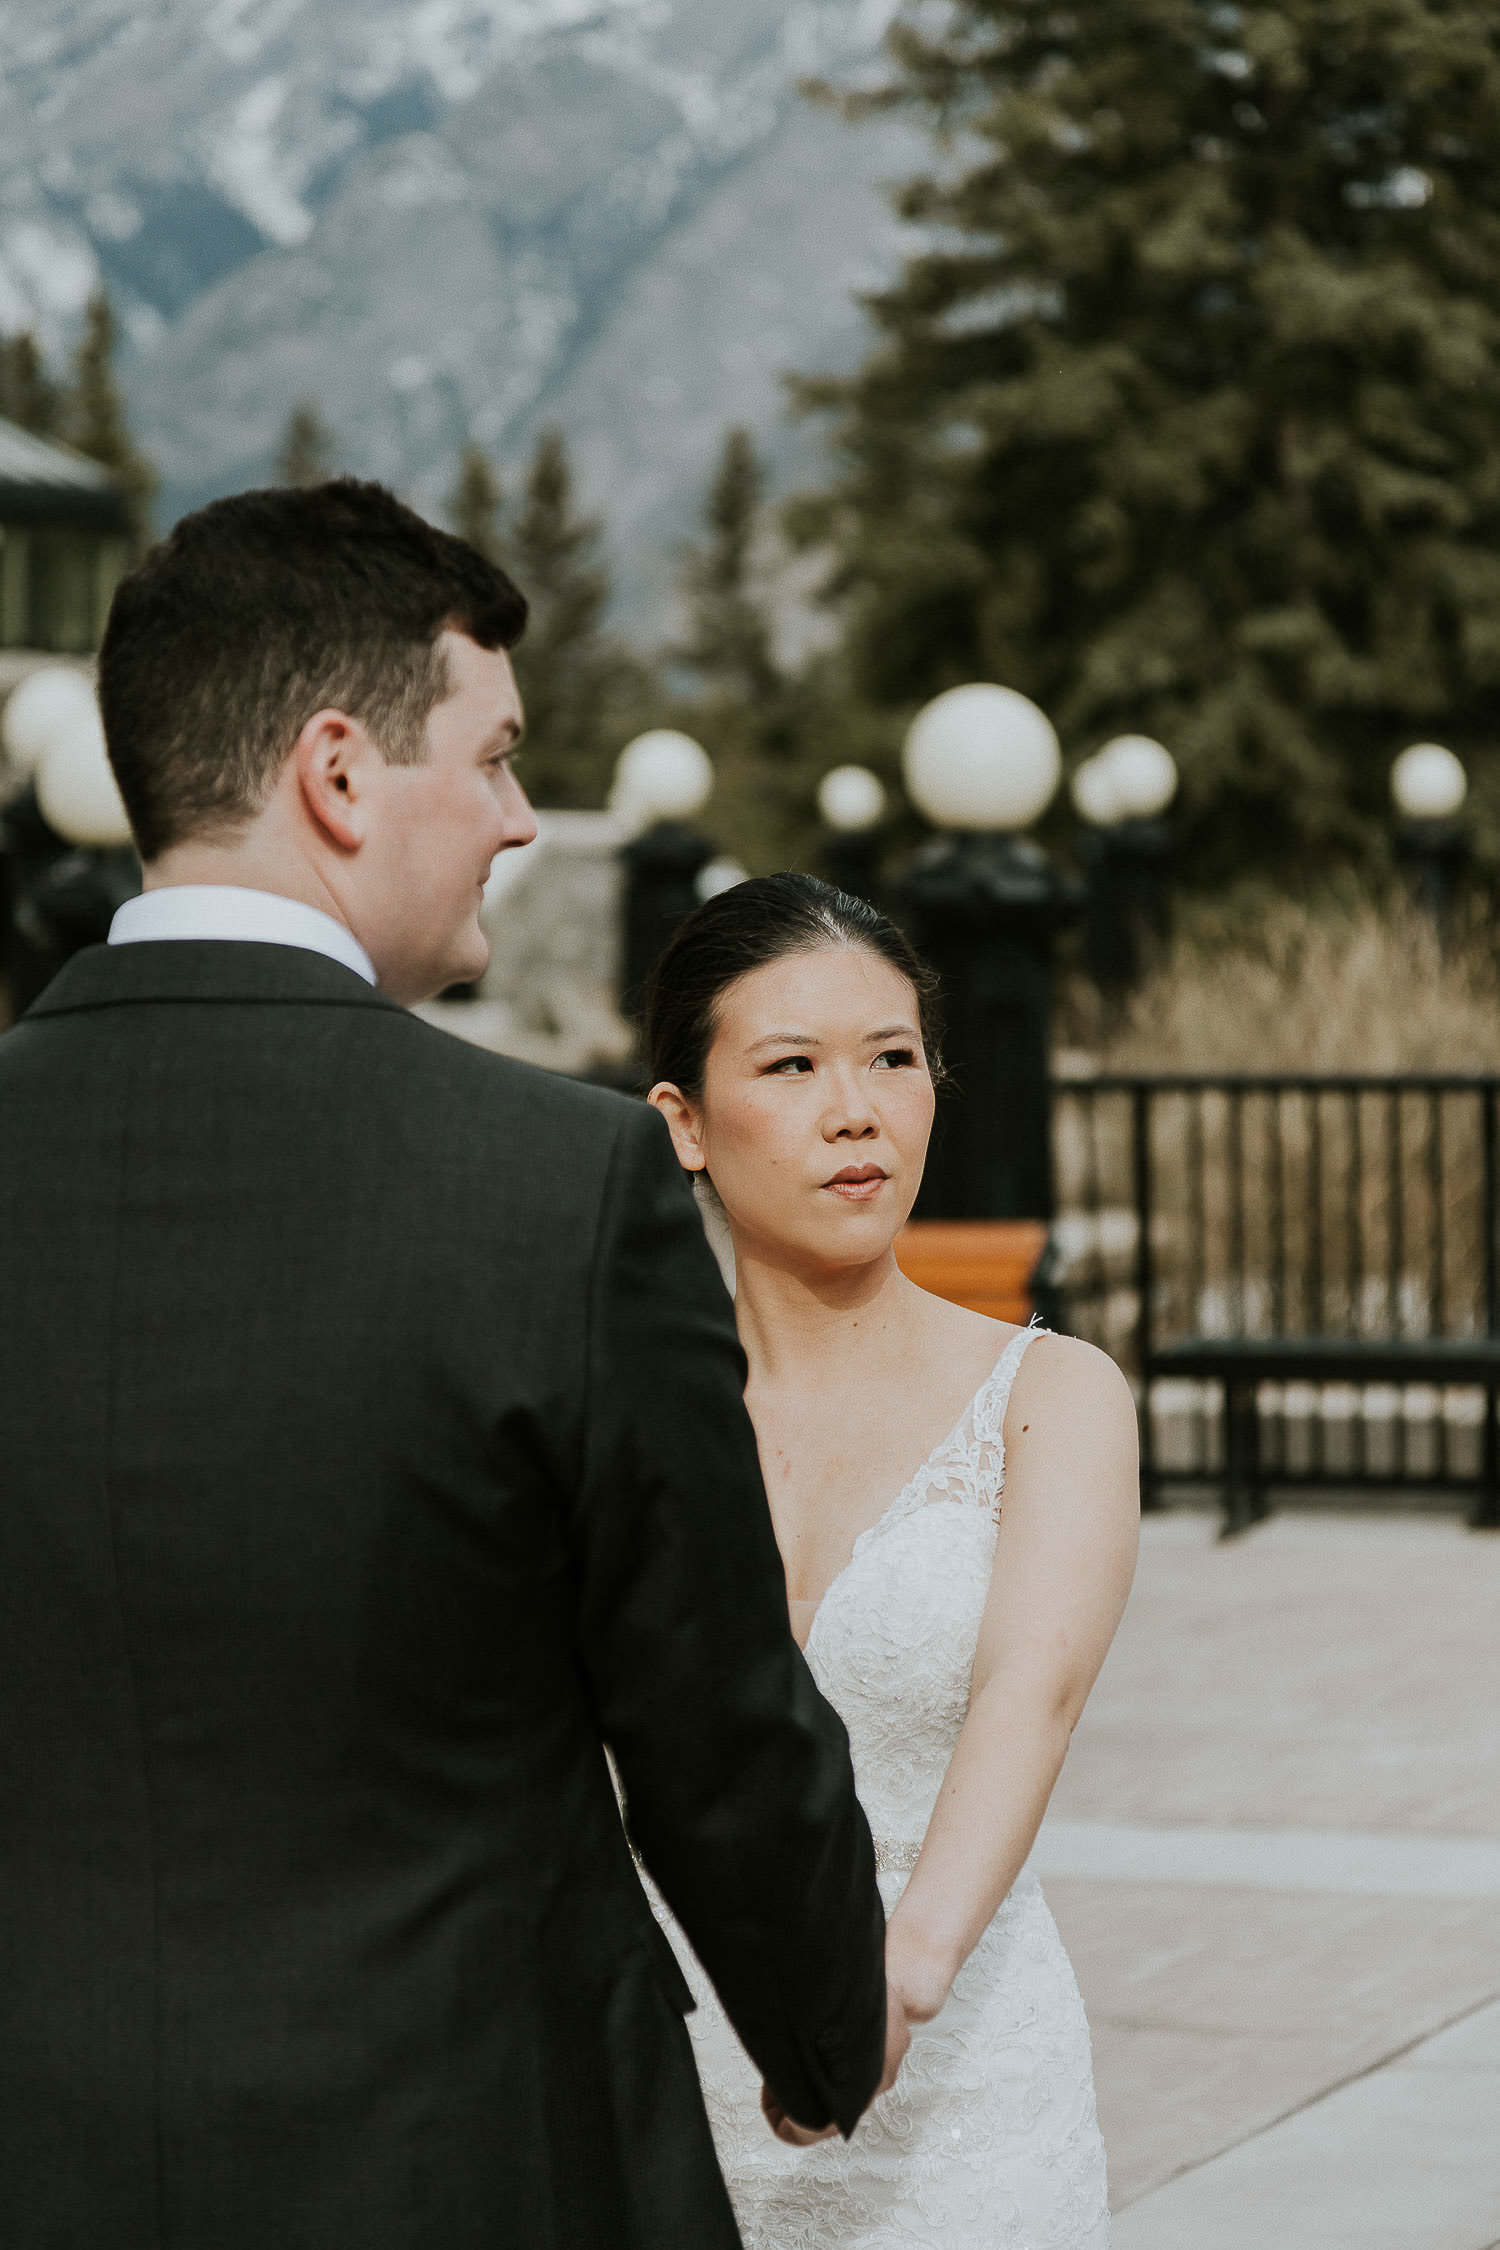 intimate-wedding-at-banff-springs-hotel-sarah-pukin-0072